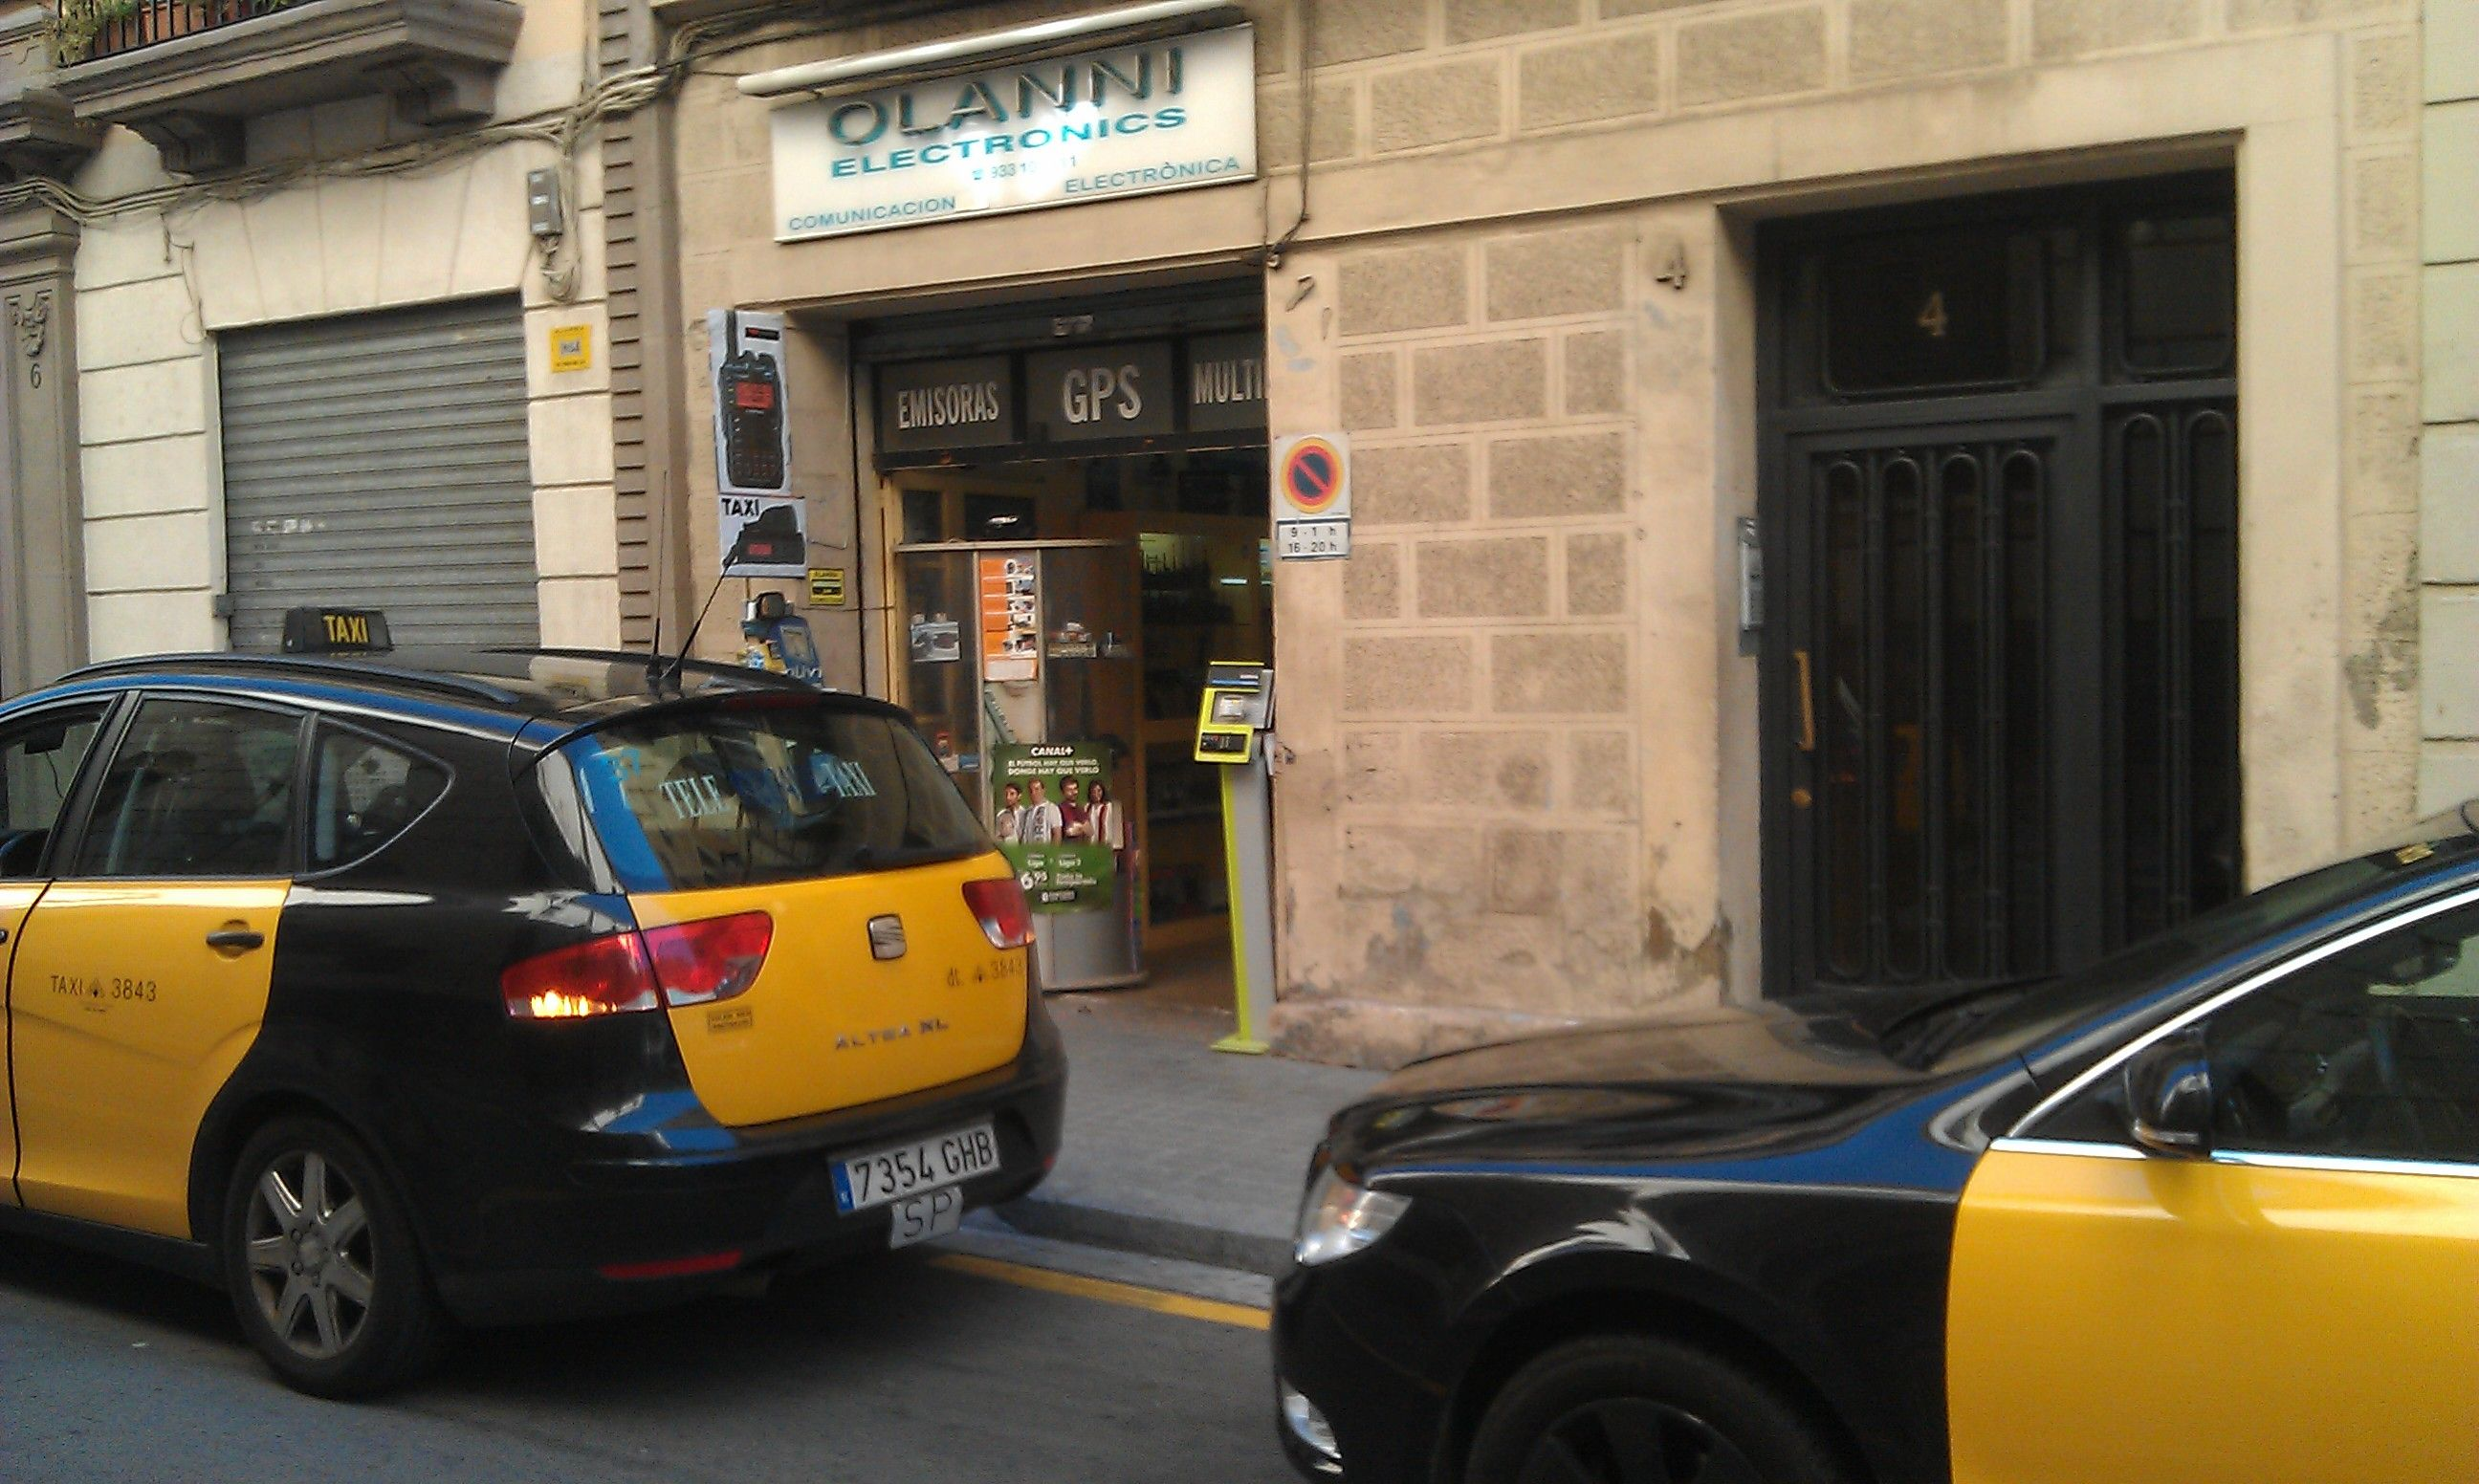 Foto 3 de Telefonía (equipos y reparación) en Barcelona | Olanni Electronics